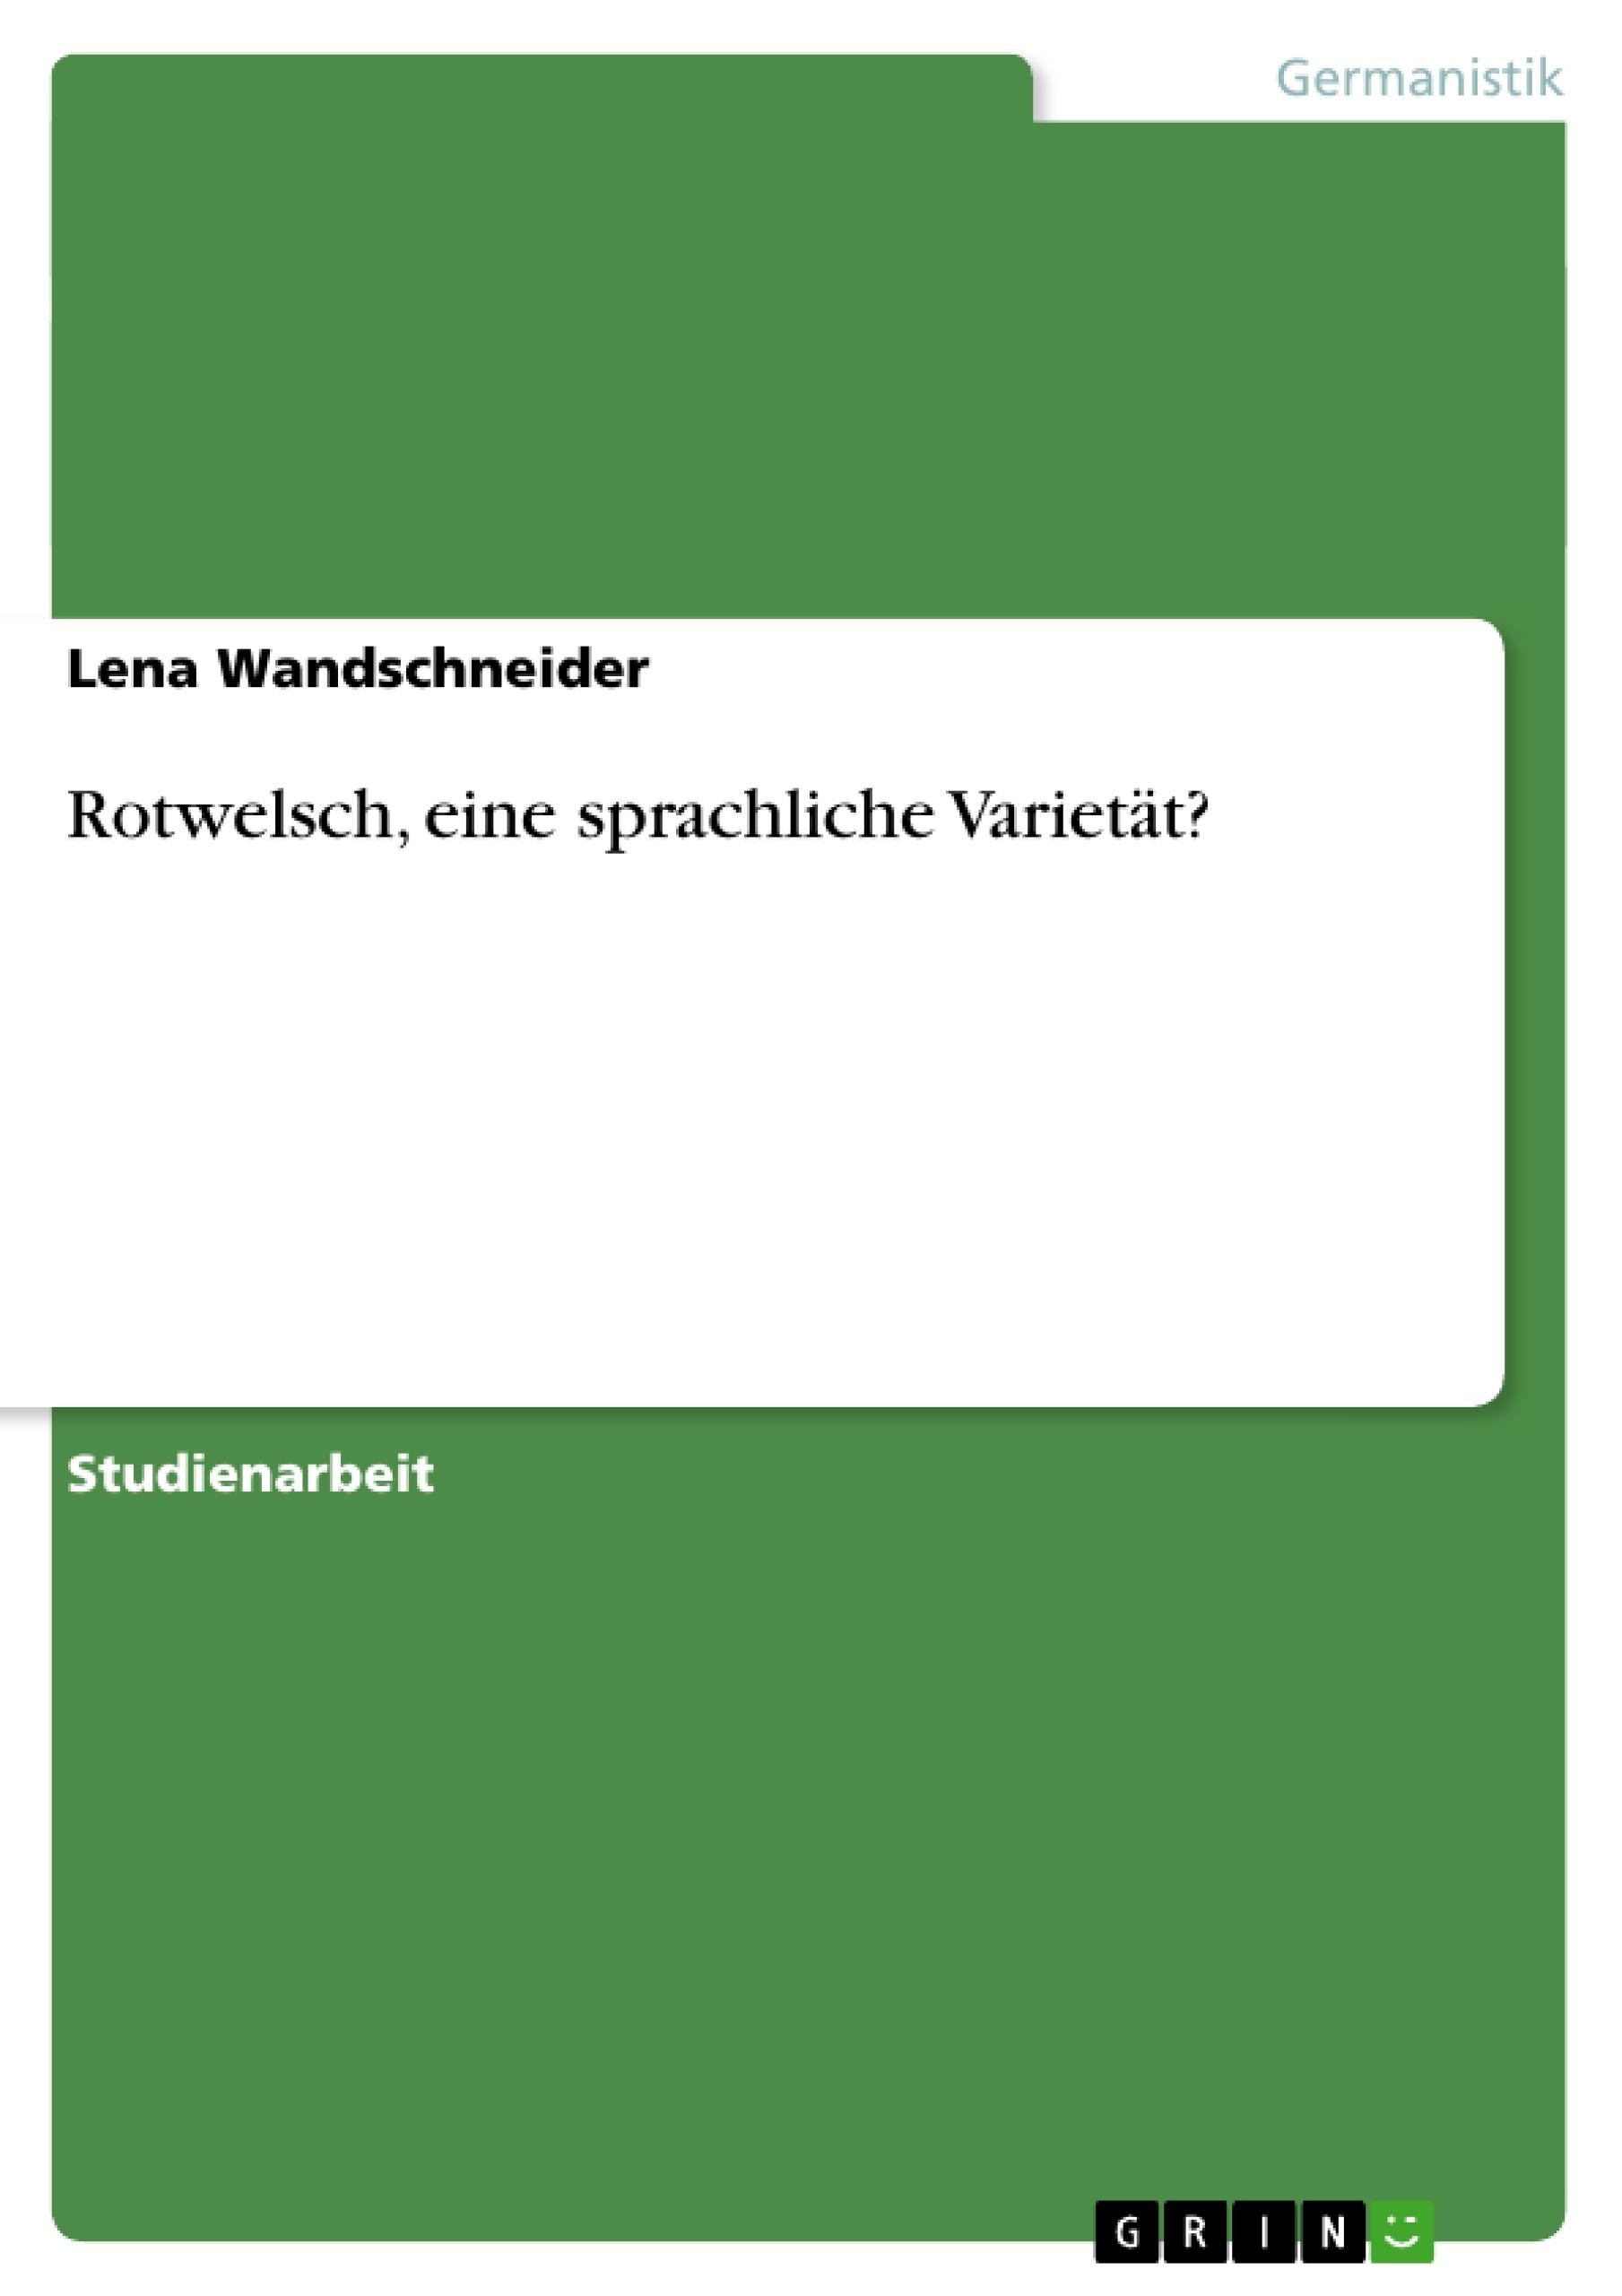 Titel: Rotwelsch, eine sprachliche Varietät?